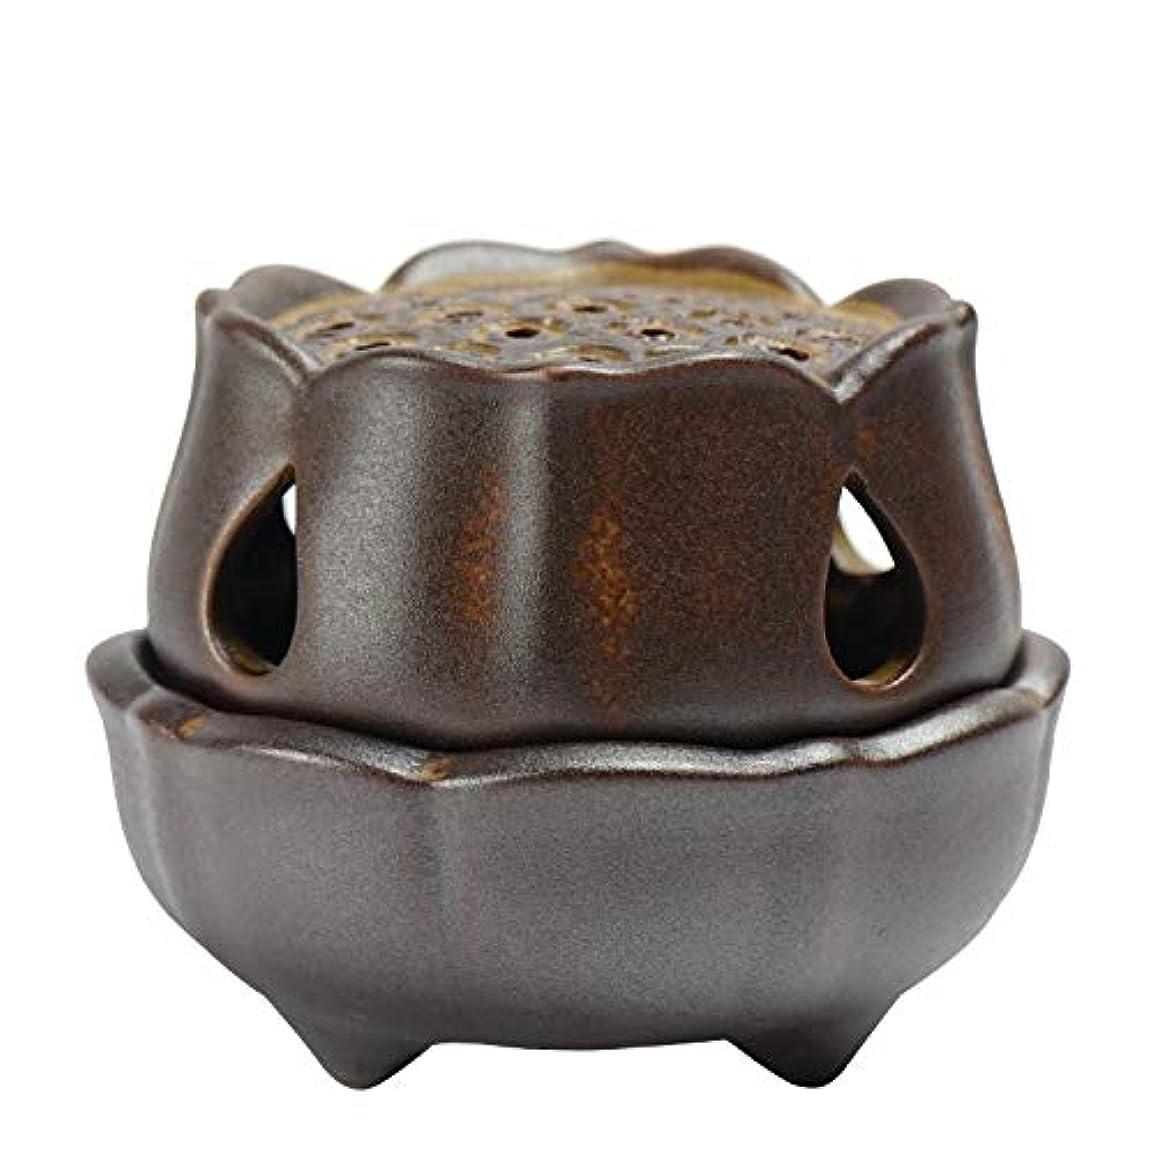 タオル渇き汚染仏の香のアロマセラピー炉9.5 * 8 * 7.3cmのための滝の背部香の棒家族の芳香バーナーの還流の蝋燭の棒の陶磁器